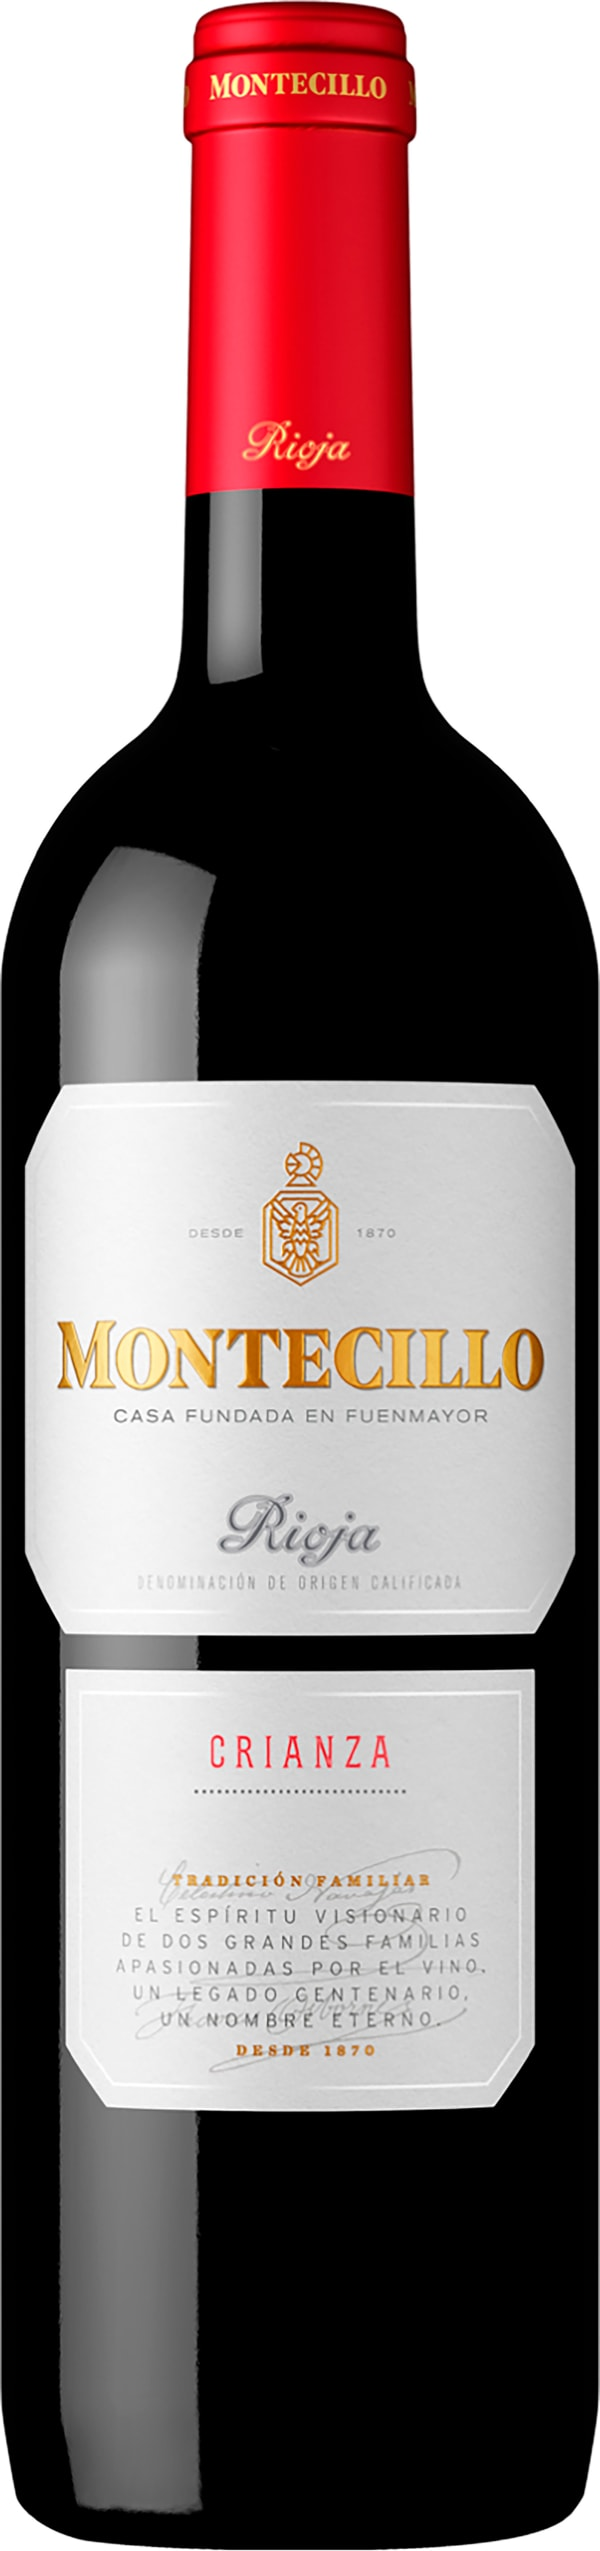 Montecillo Crianza 2015